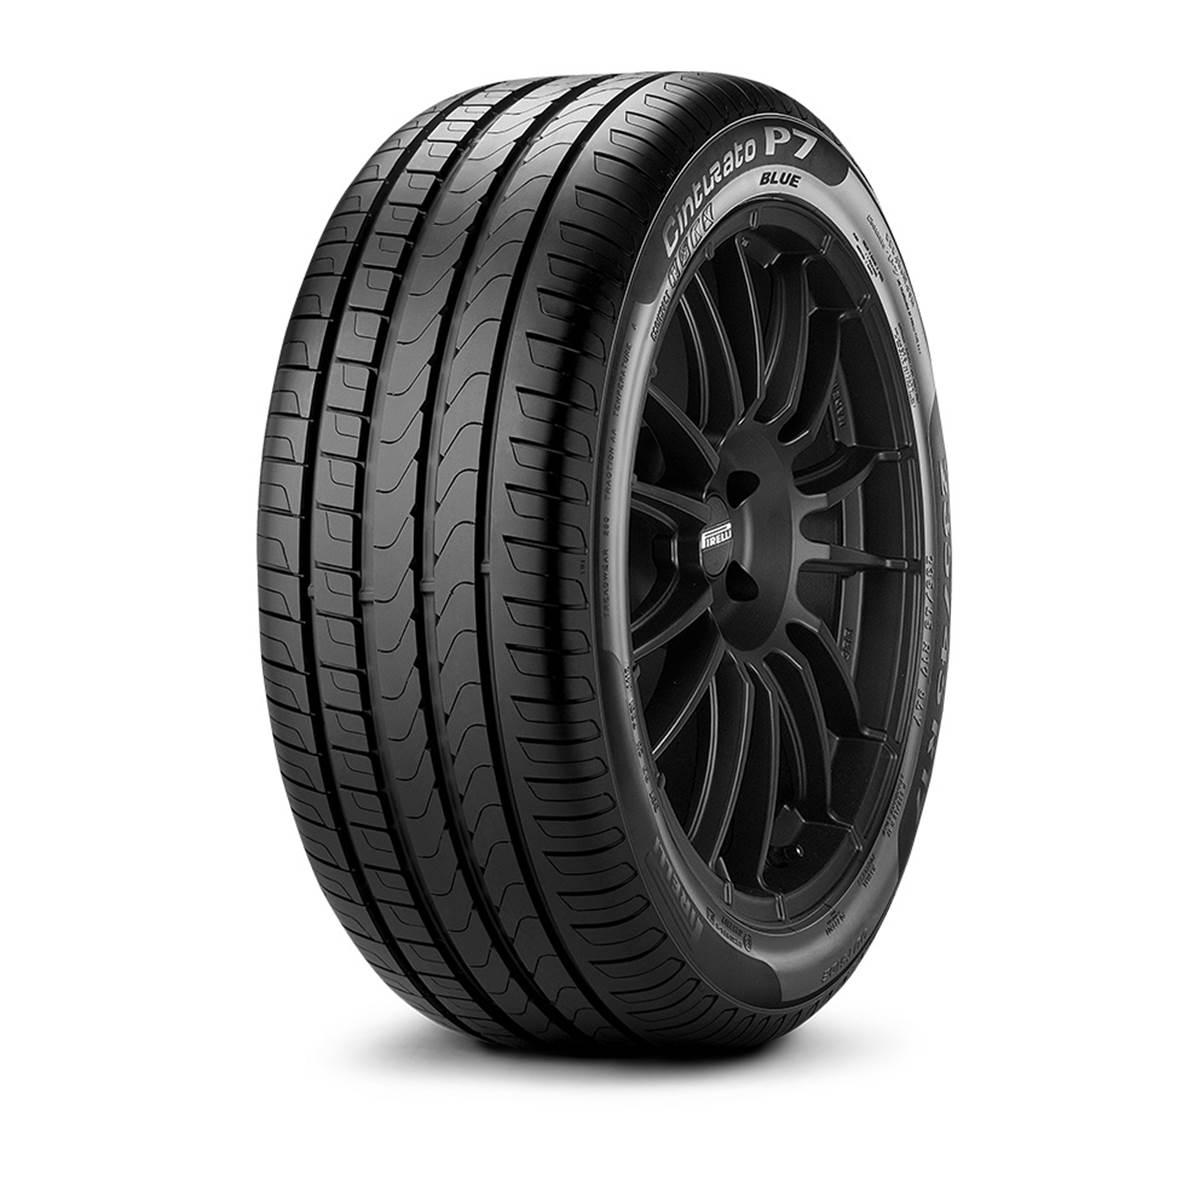 Pneu Pirelli 245/40R18 97Y Cinturato P7 Blue XL